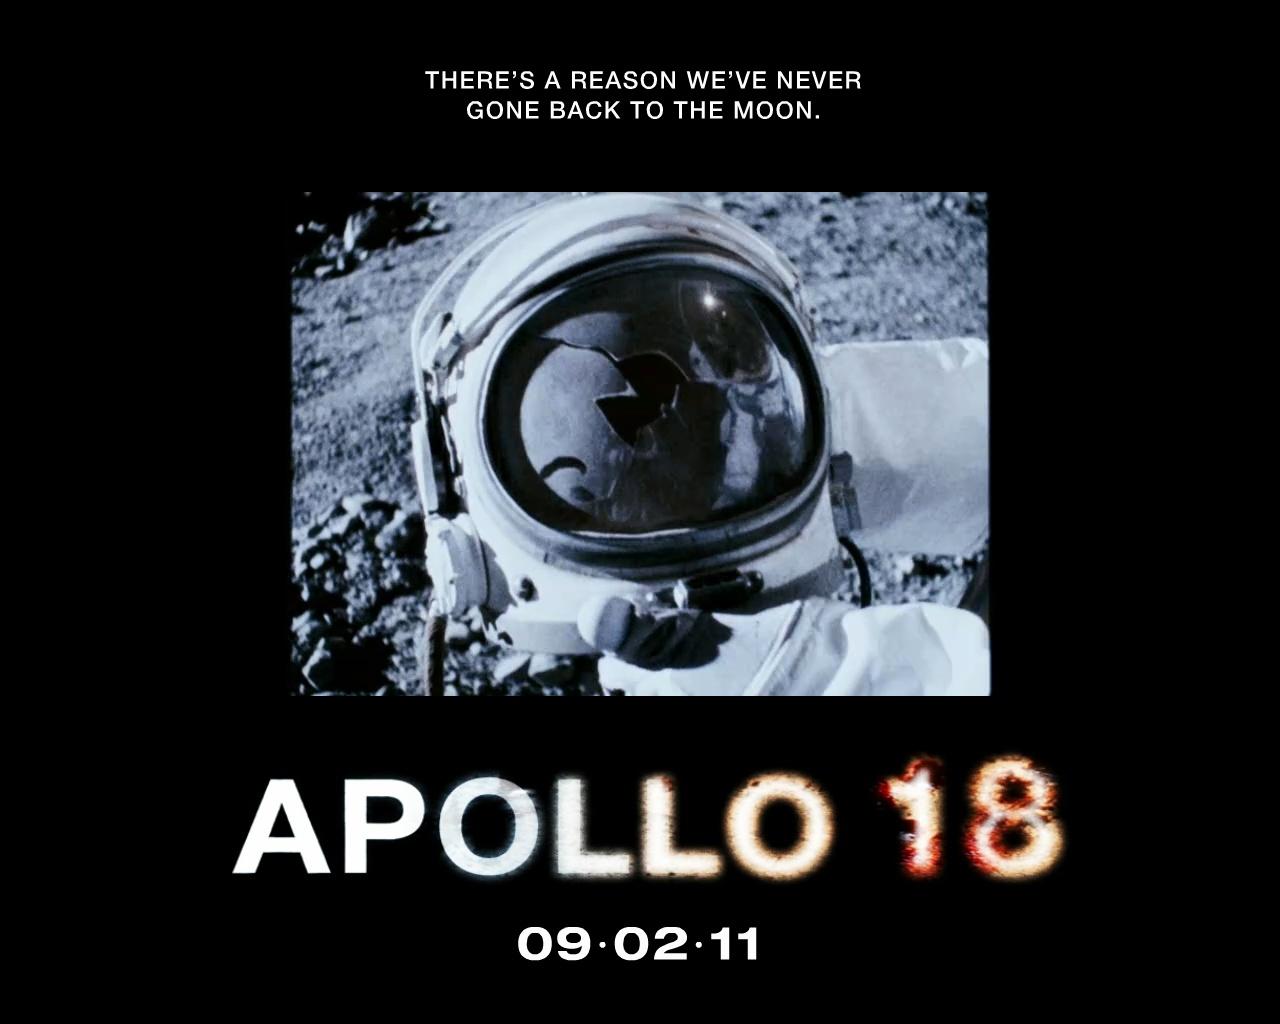 Apollo 18 Movie Release Date Apollo 18 Movie hd Wallpapers